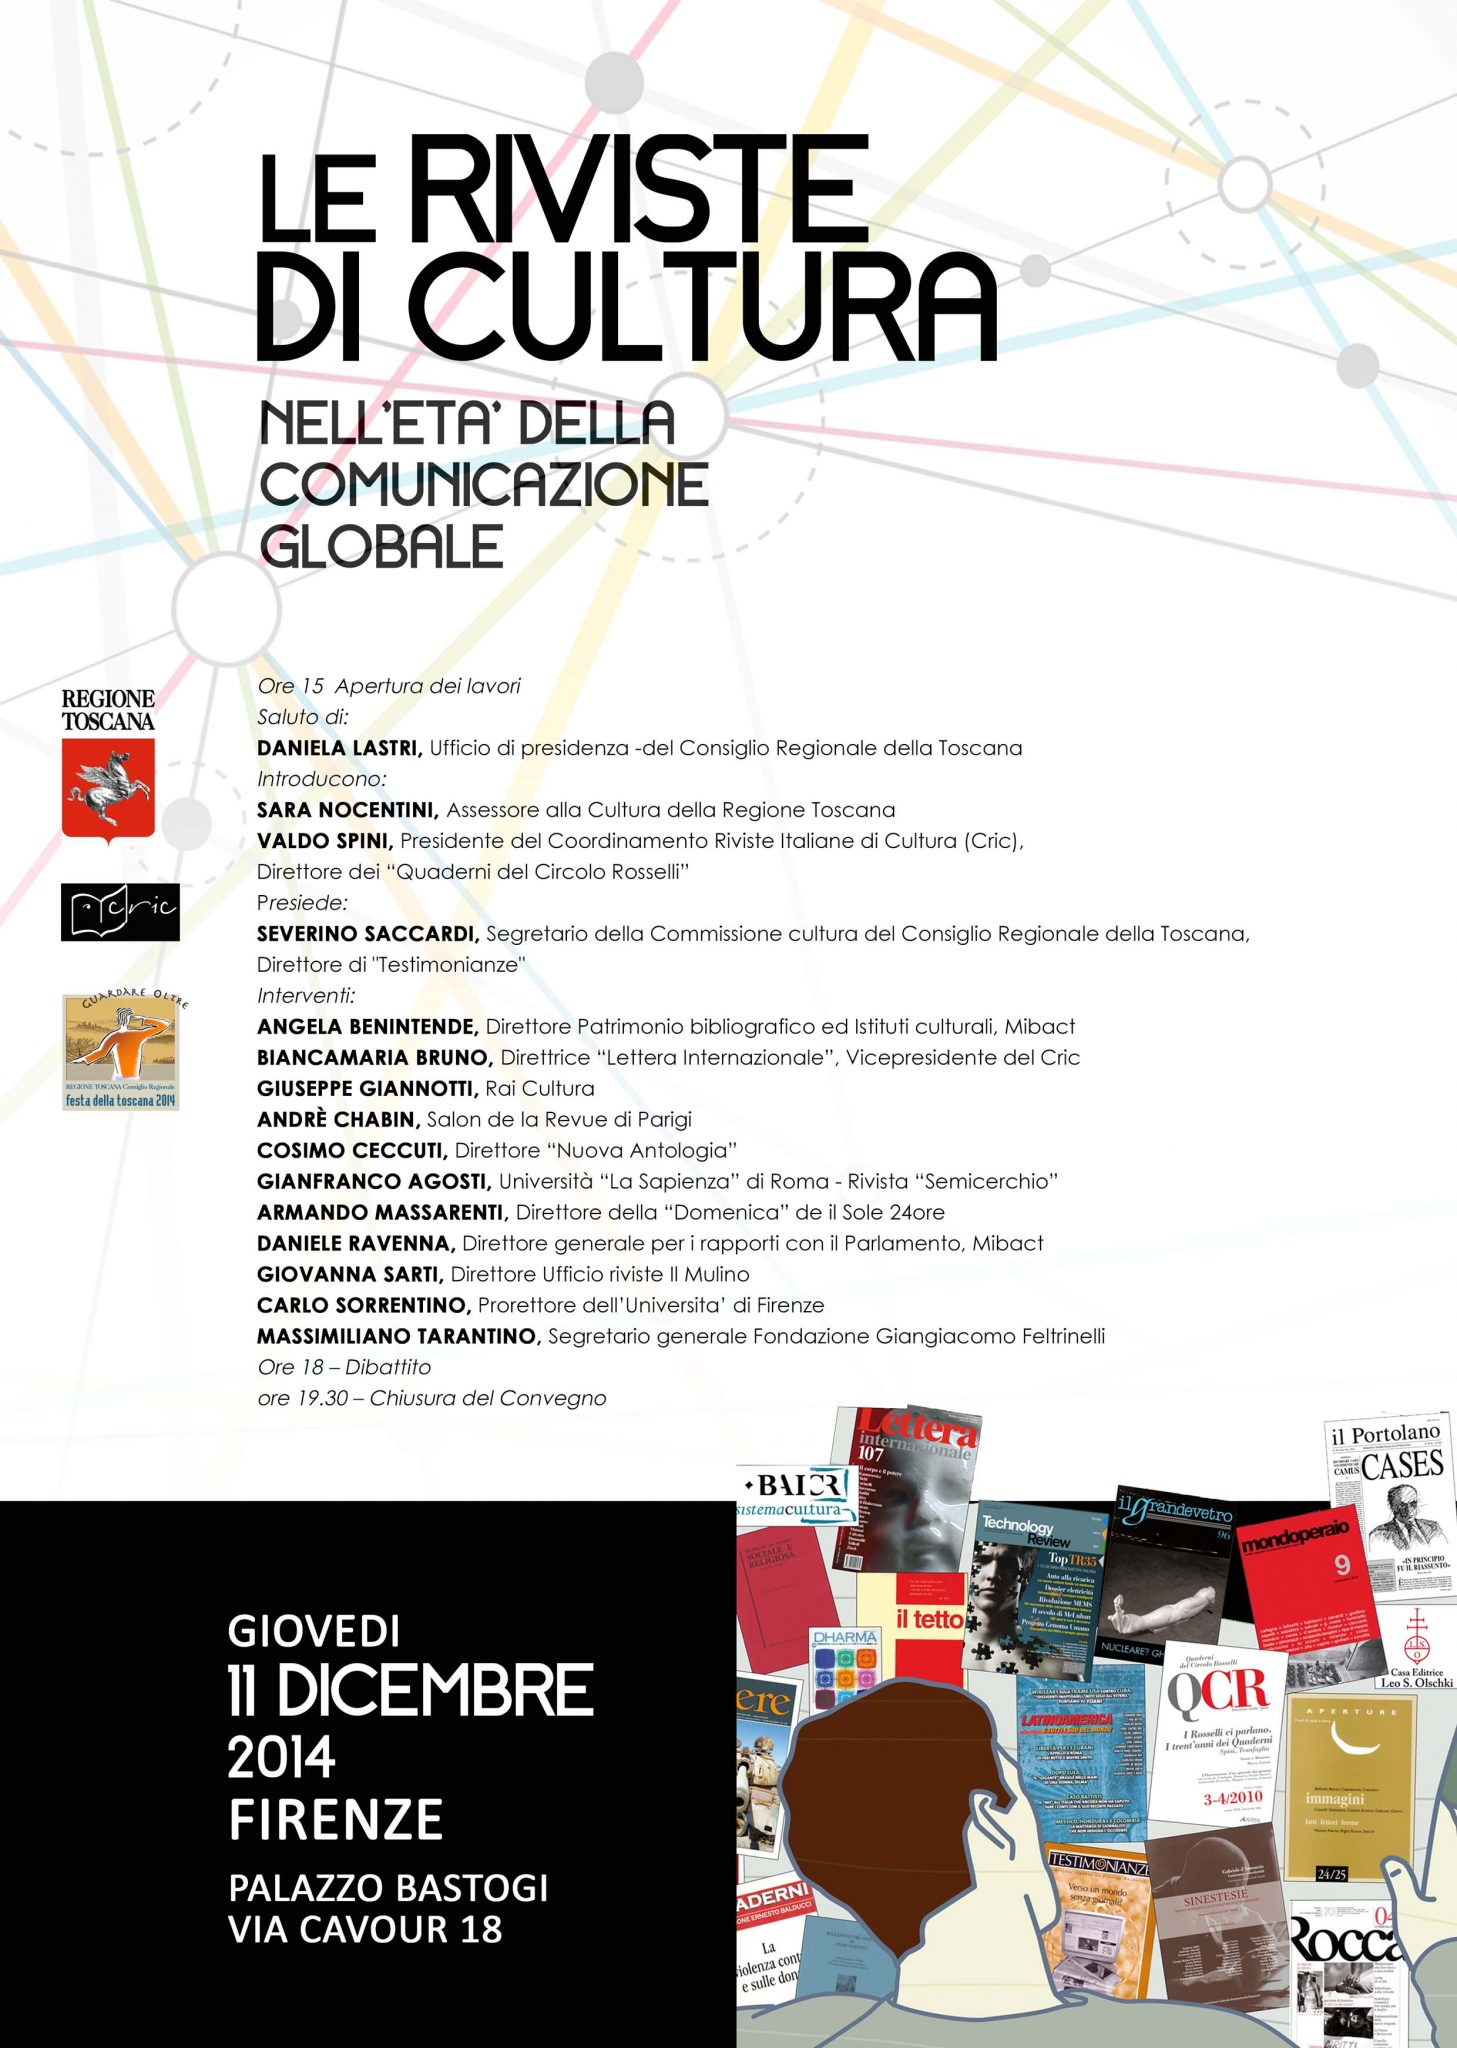 """Firenze, 11 dicembre - """"Le riviste di cultura nell'età della comunicazione globale"""""""